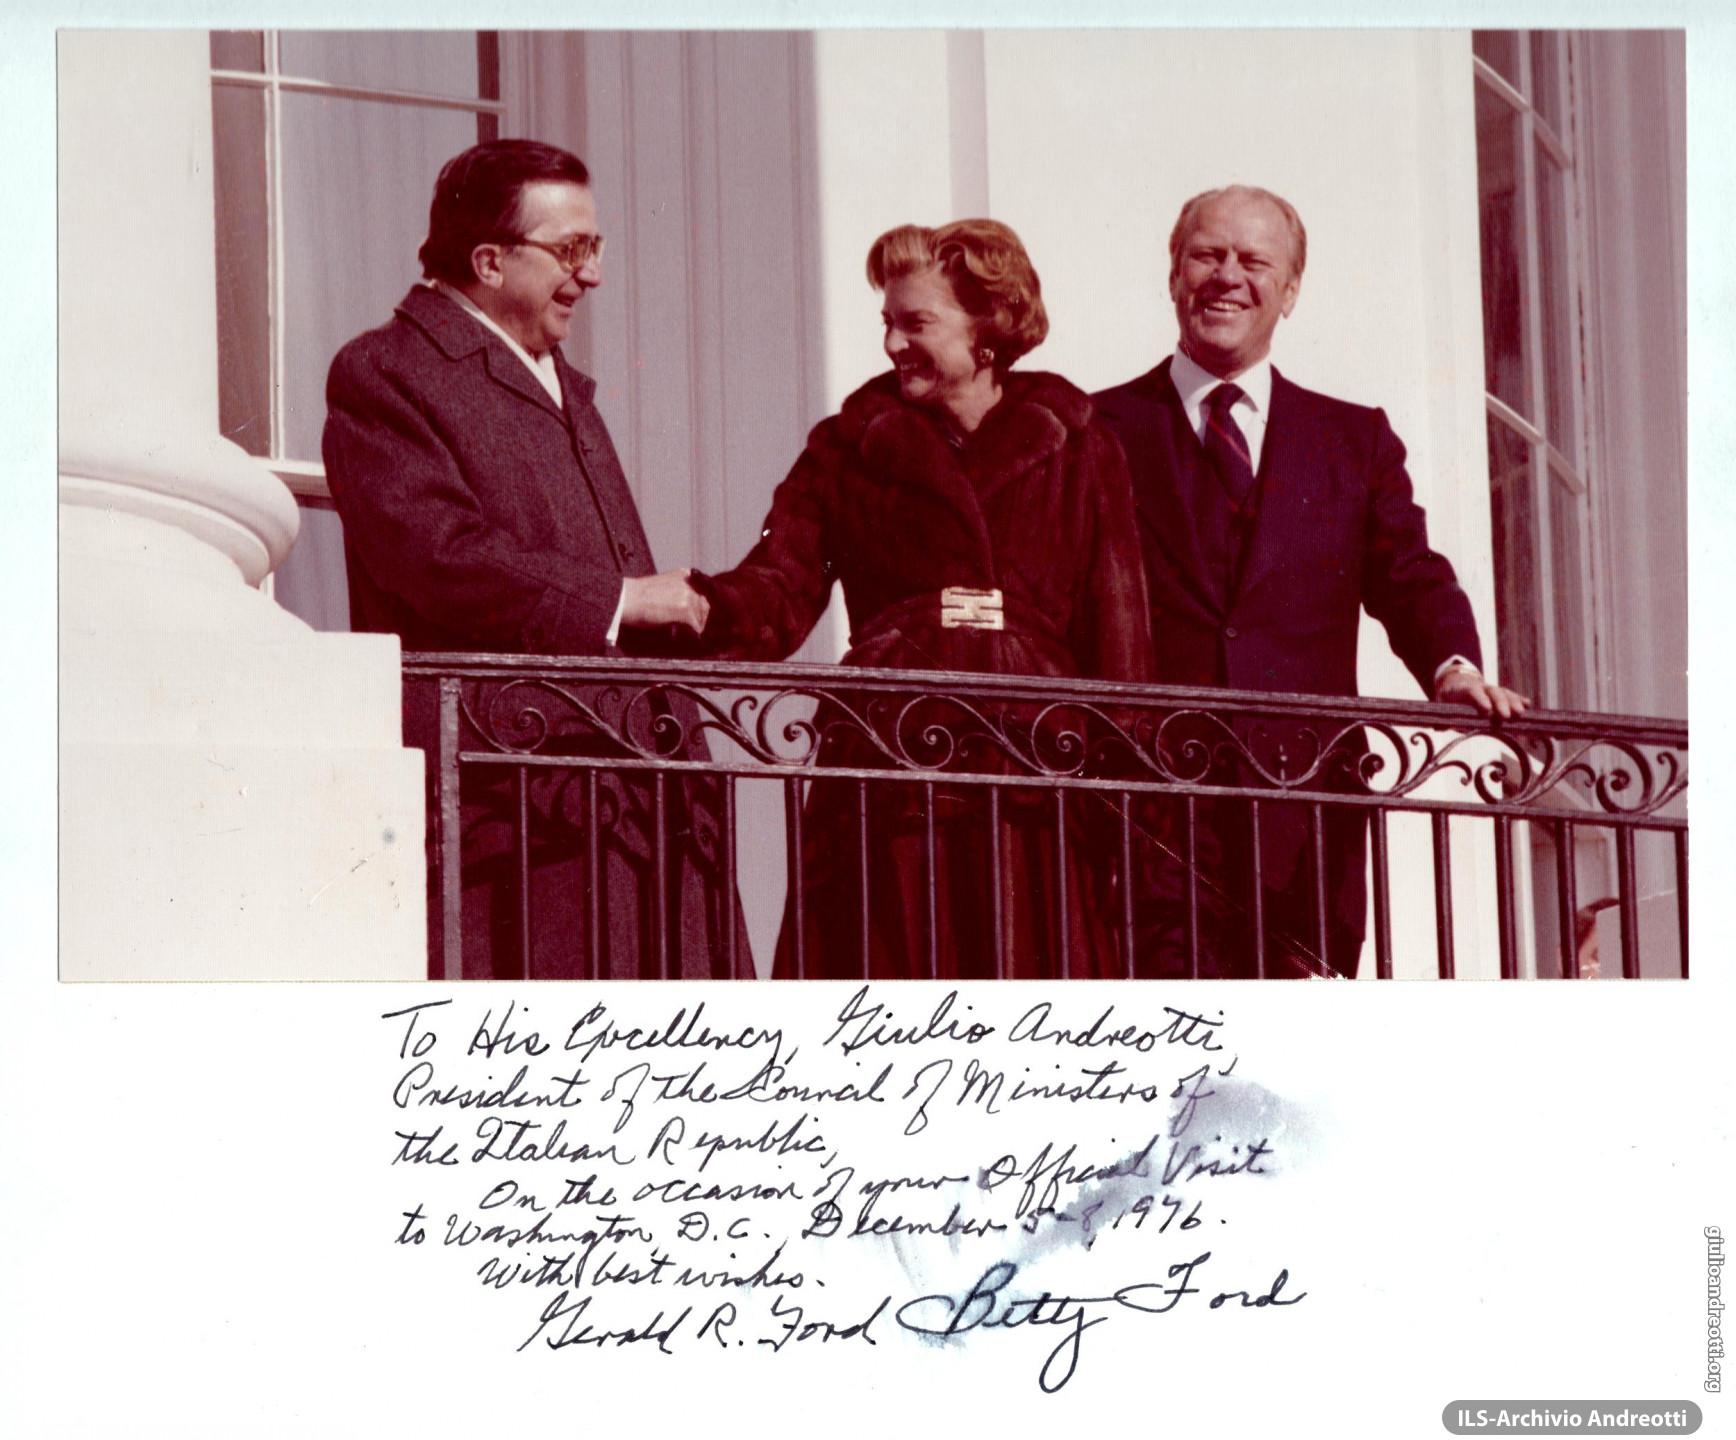 Foto con dedica di Gerald e Betty Ford in occasione della visita ufficiale di Andreotti al Presidente degli Stati Uniti il 5 dicembre 1976